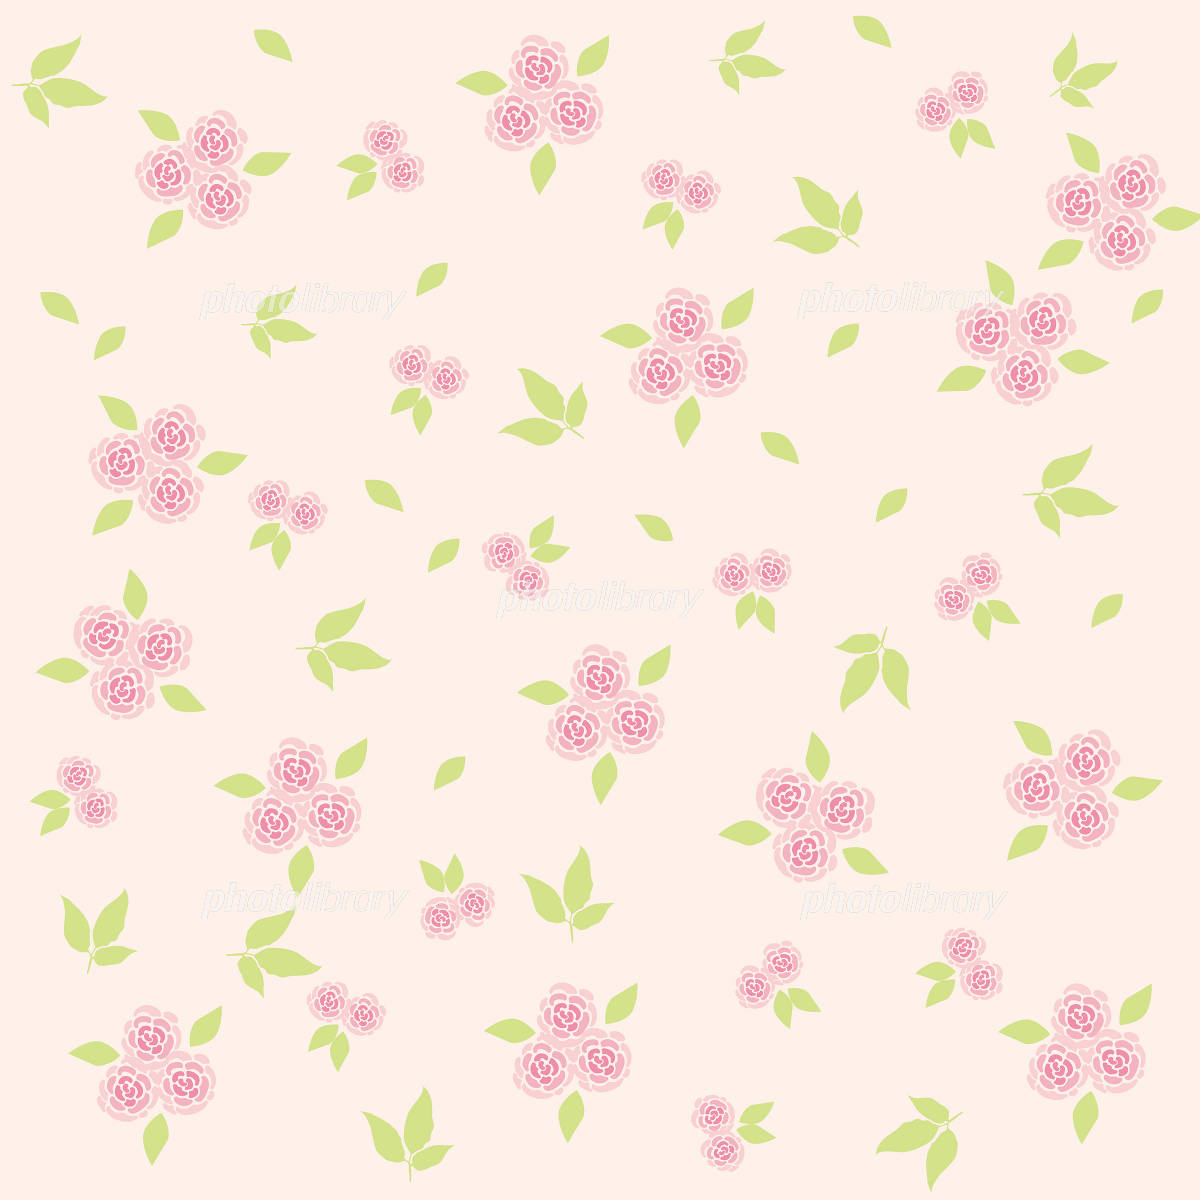 花柄背景 イラスト素材 [ 1055052 ] - フォトライブラリー photolibrary